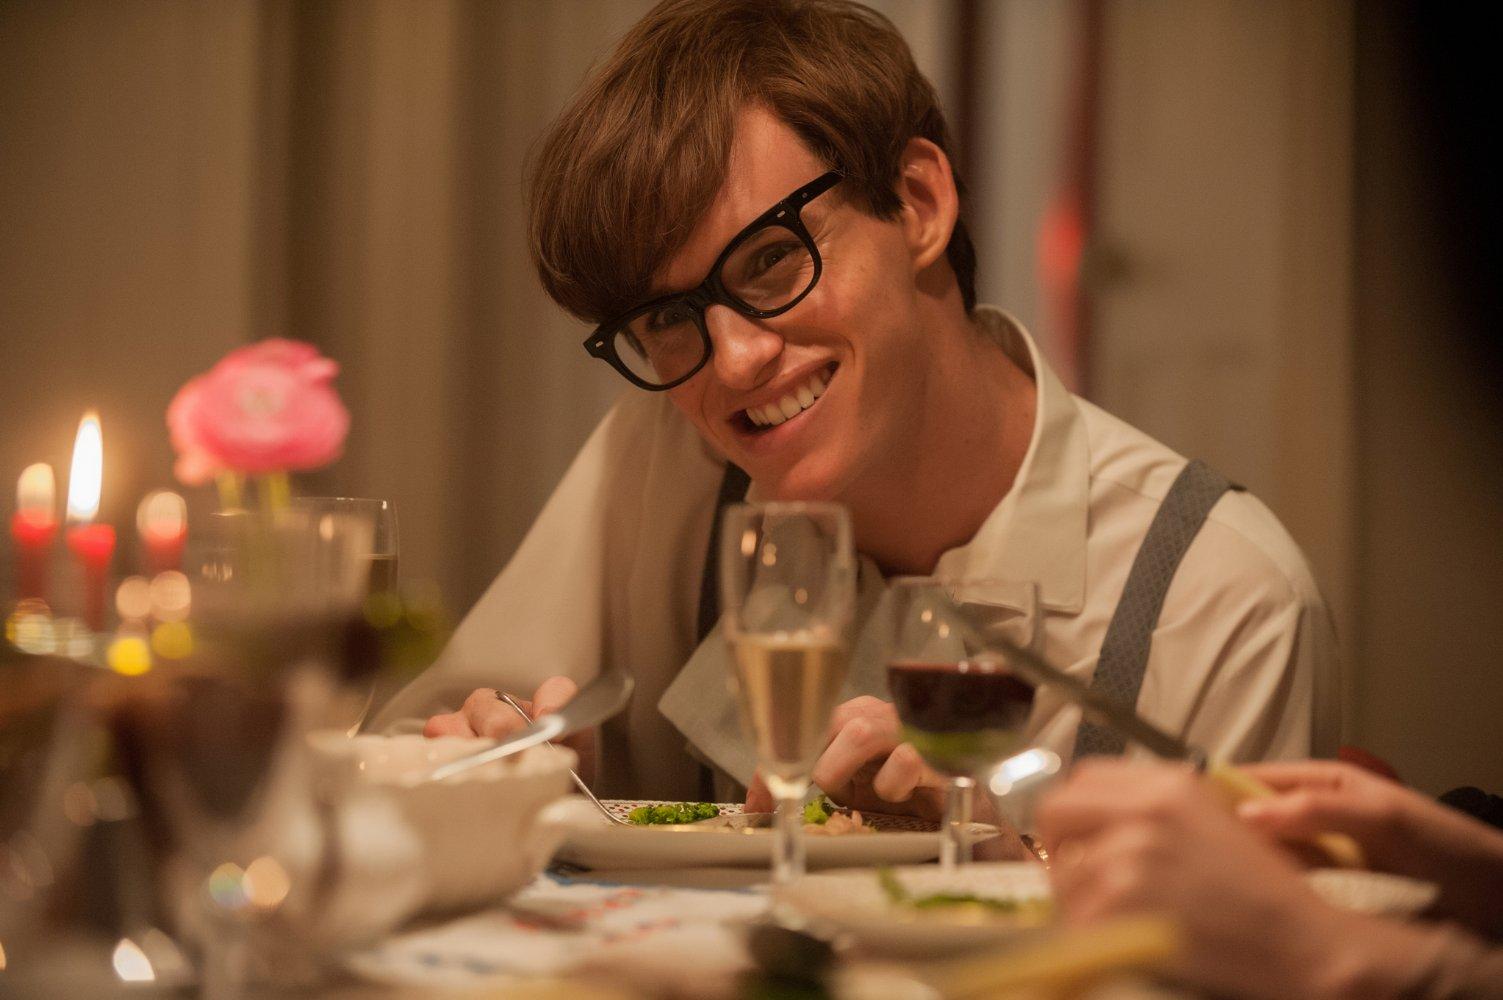 Лучшая мужская роль Оскар 25 лет Эдди Редмэйн Вселенная Стивена Хокинга (Теория всего) 2014